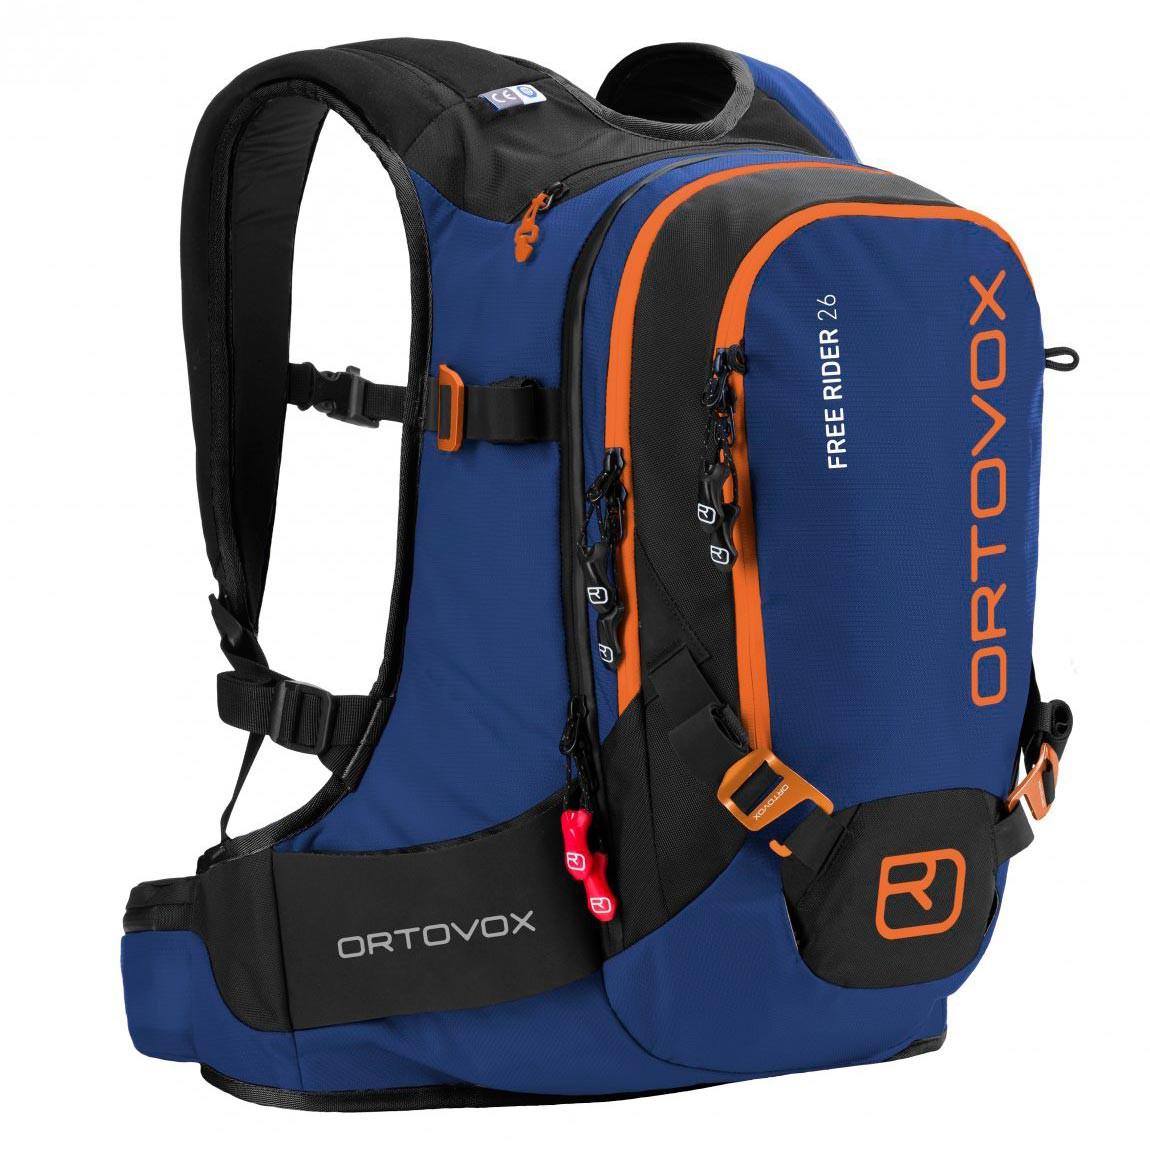 Batoh na snowboard Ortovox Free Rider 26 strong blue vel.26L 16/17 + doručení do 24 hodin